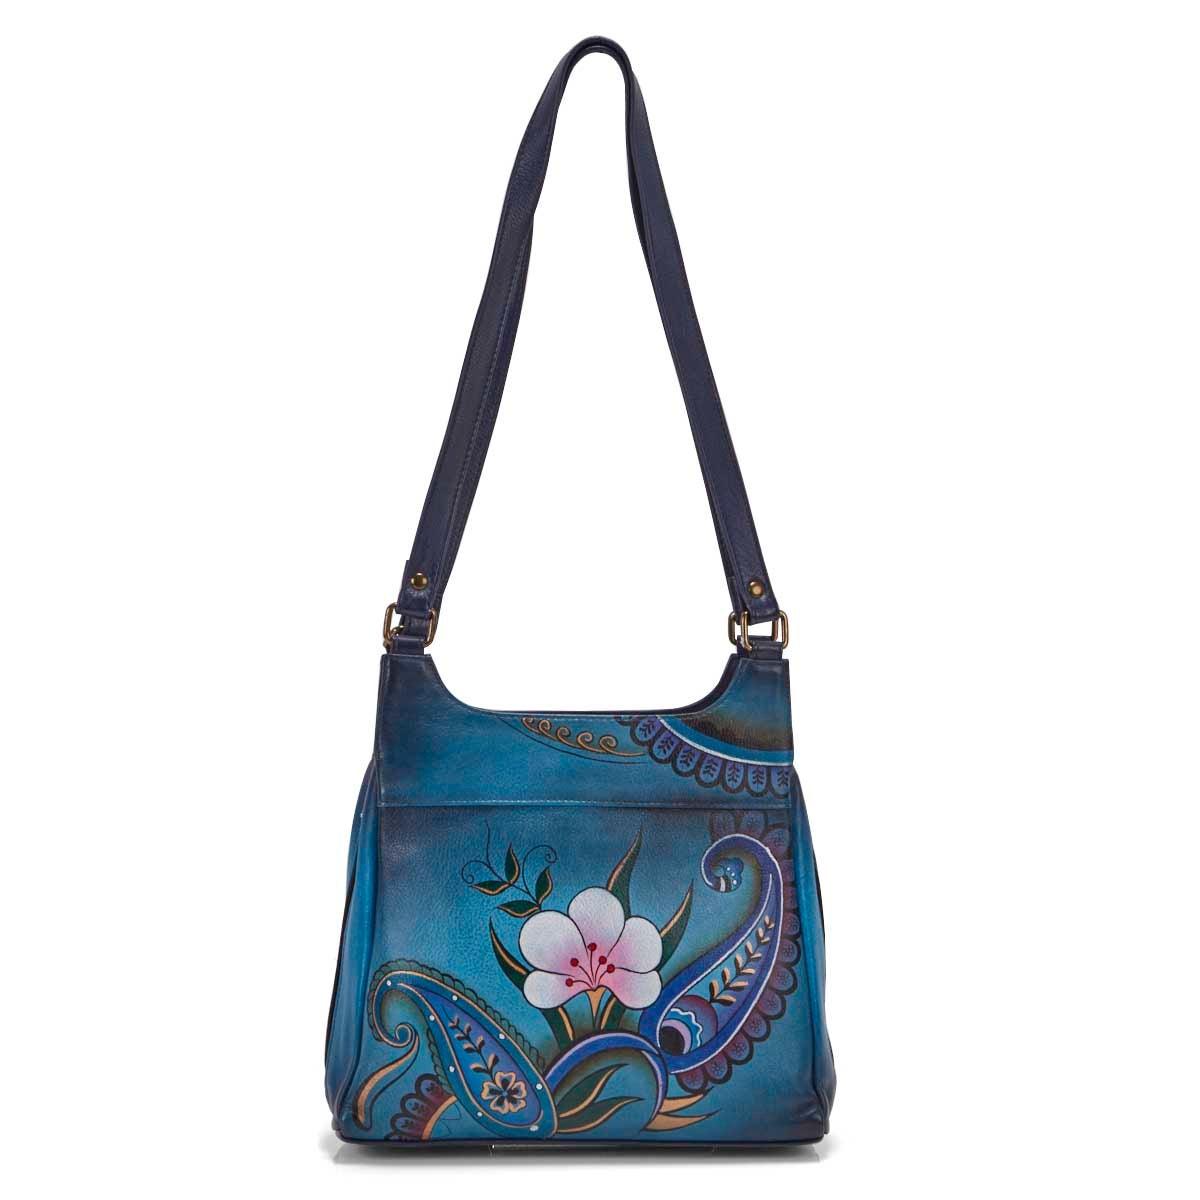 Painted lthr Denim Paisley Floral satchl